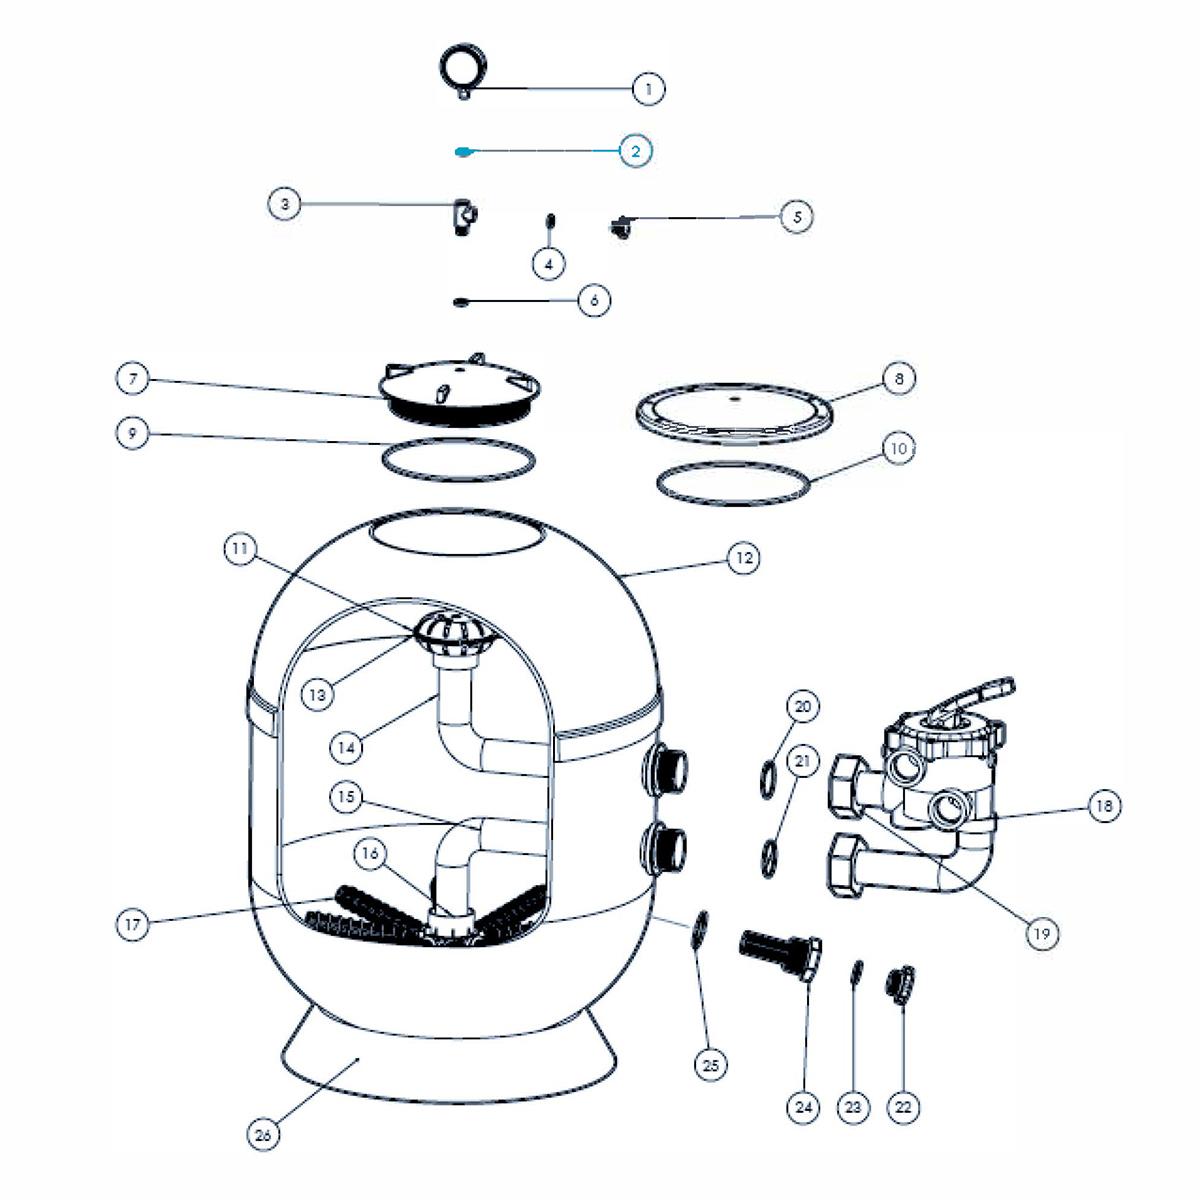 Flachdichtung für Manometer T-Stück für VIENNA II Filter  Flachdichtung für Manometer T-Stück für VIENNA II Filter